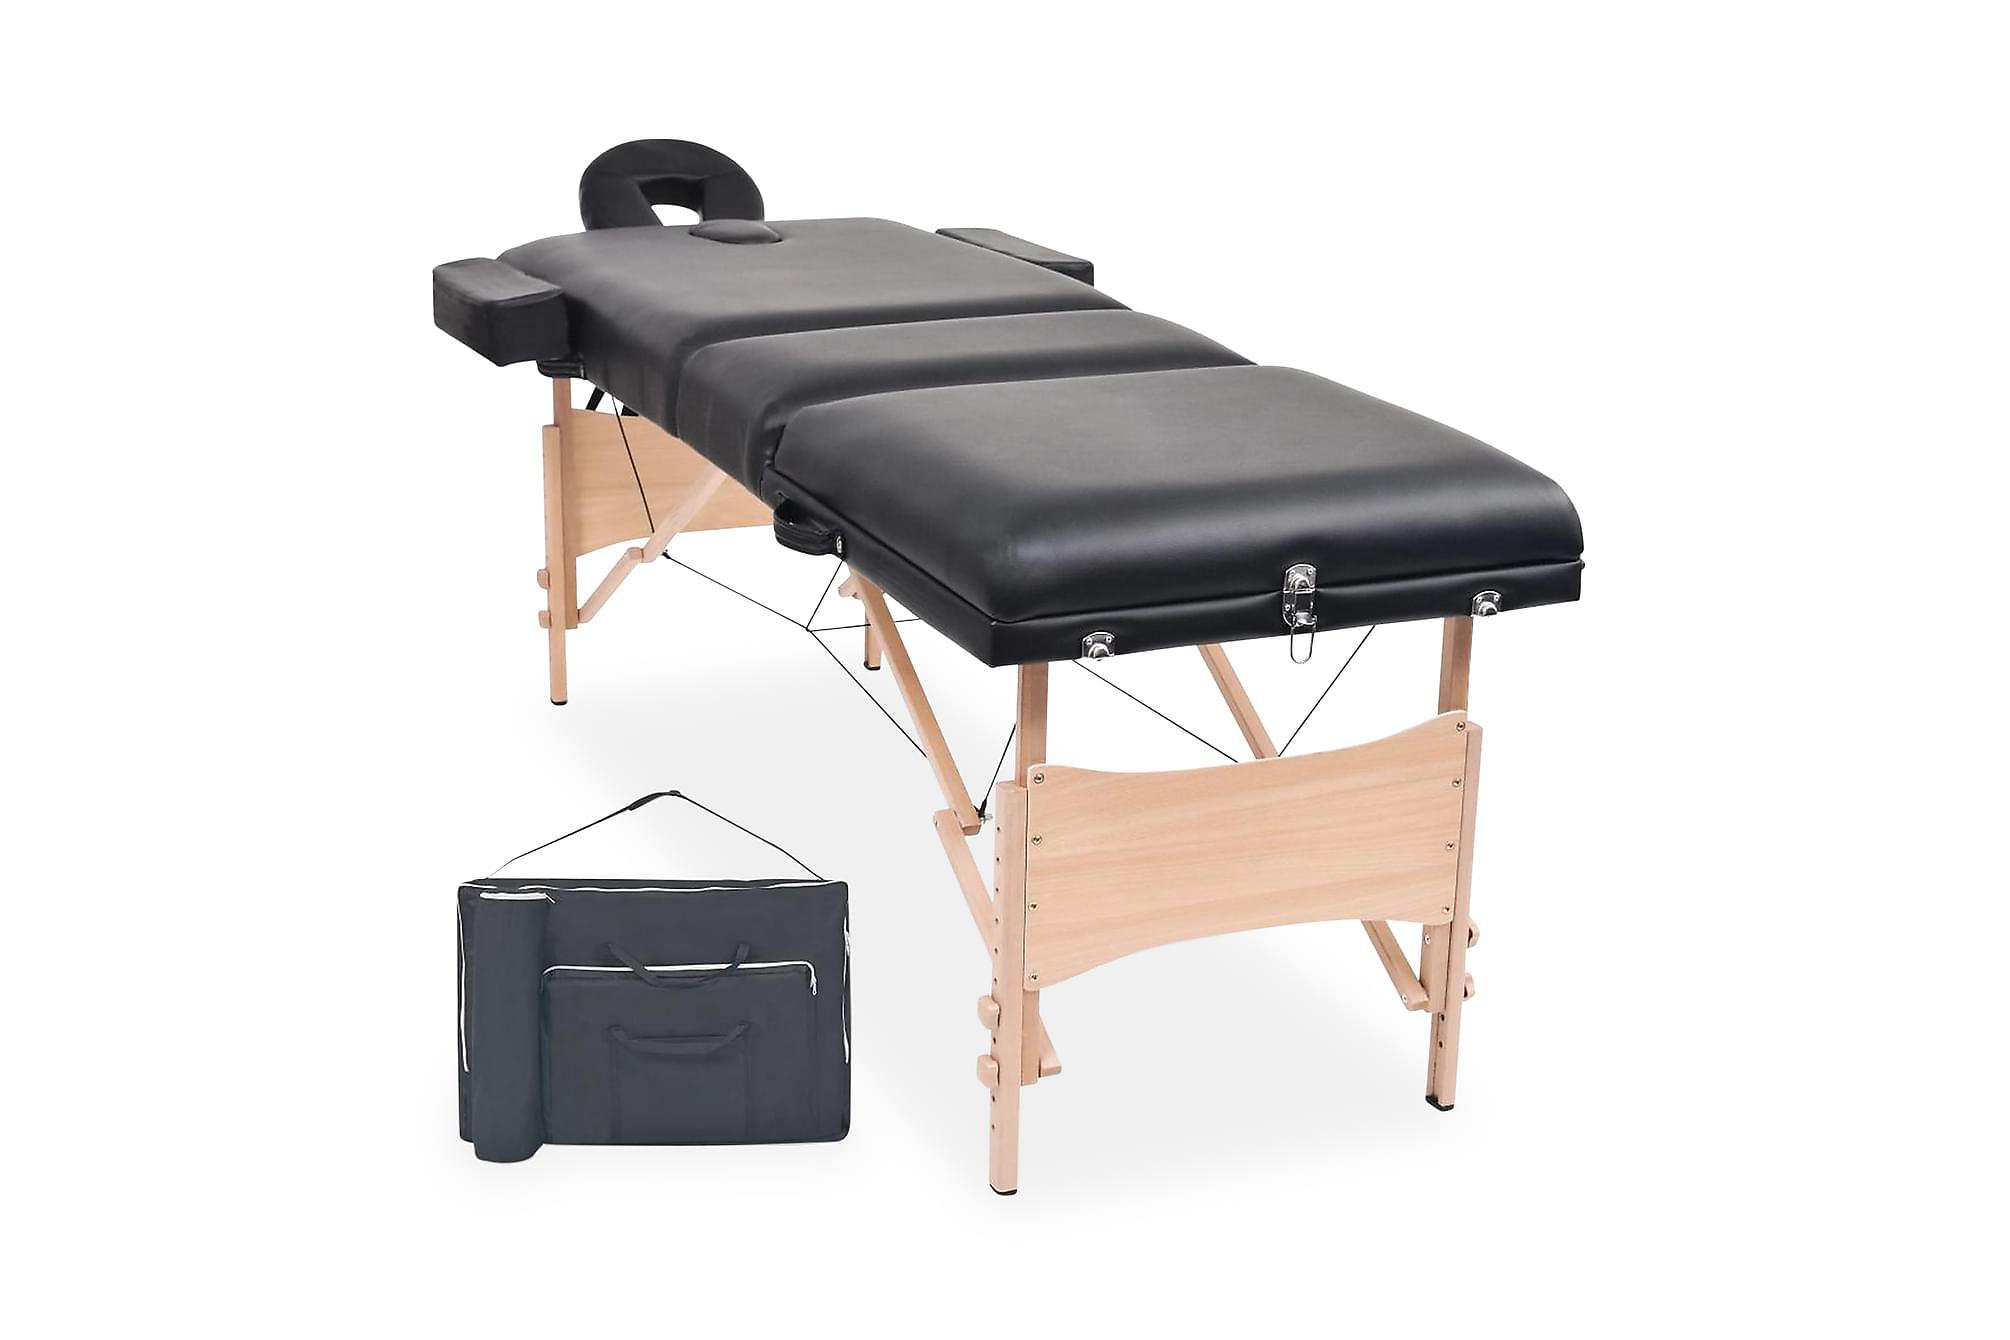 Hopfällbar massagebänk 3 sektioner 10 cm tjock svart